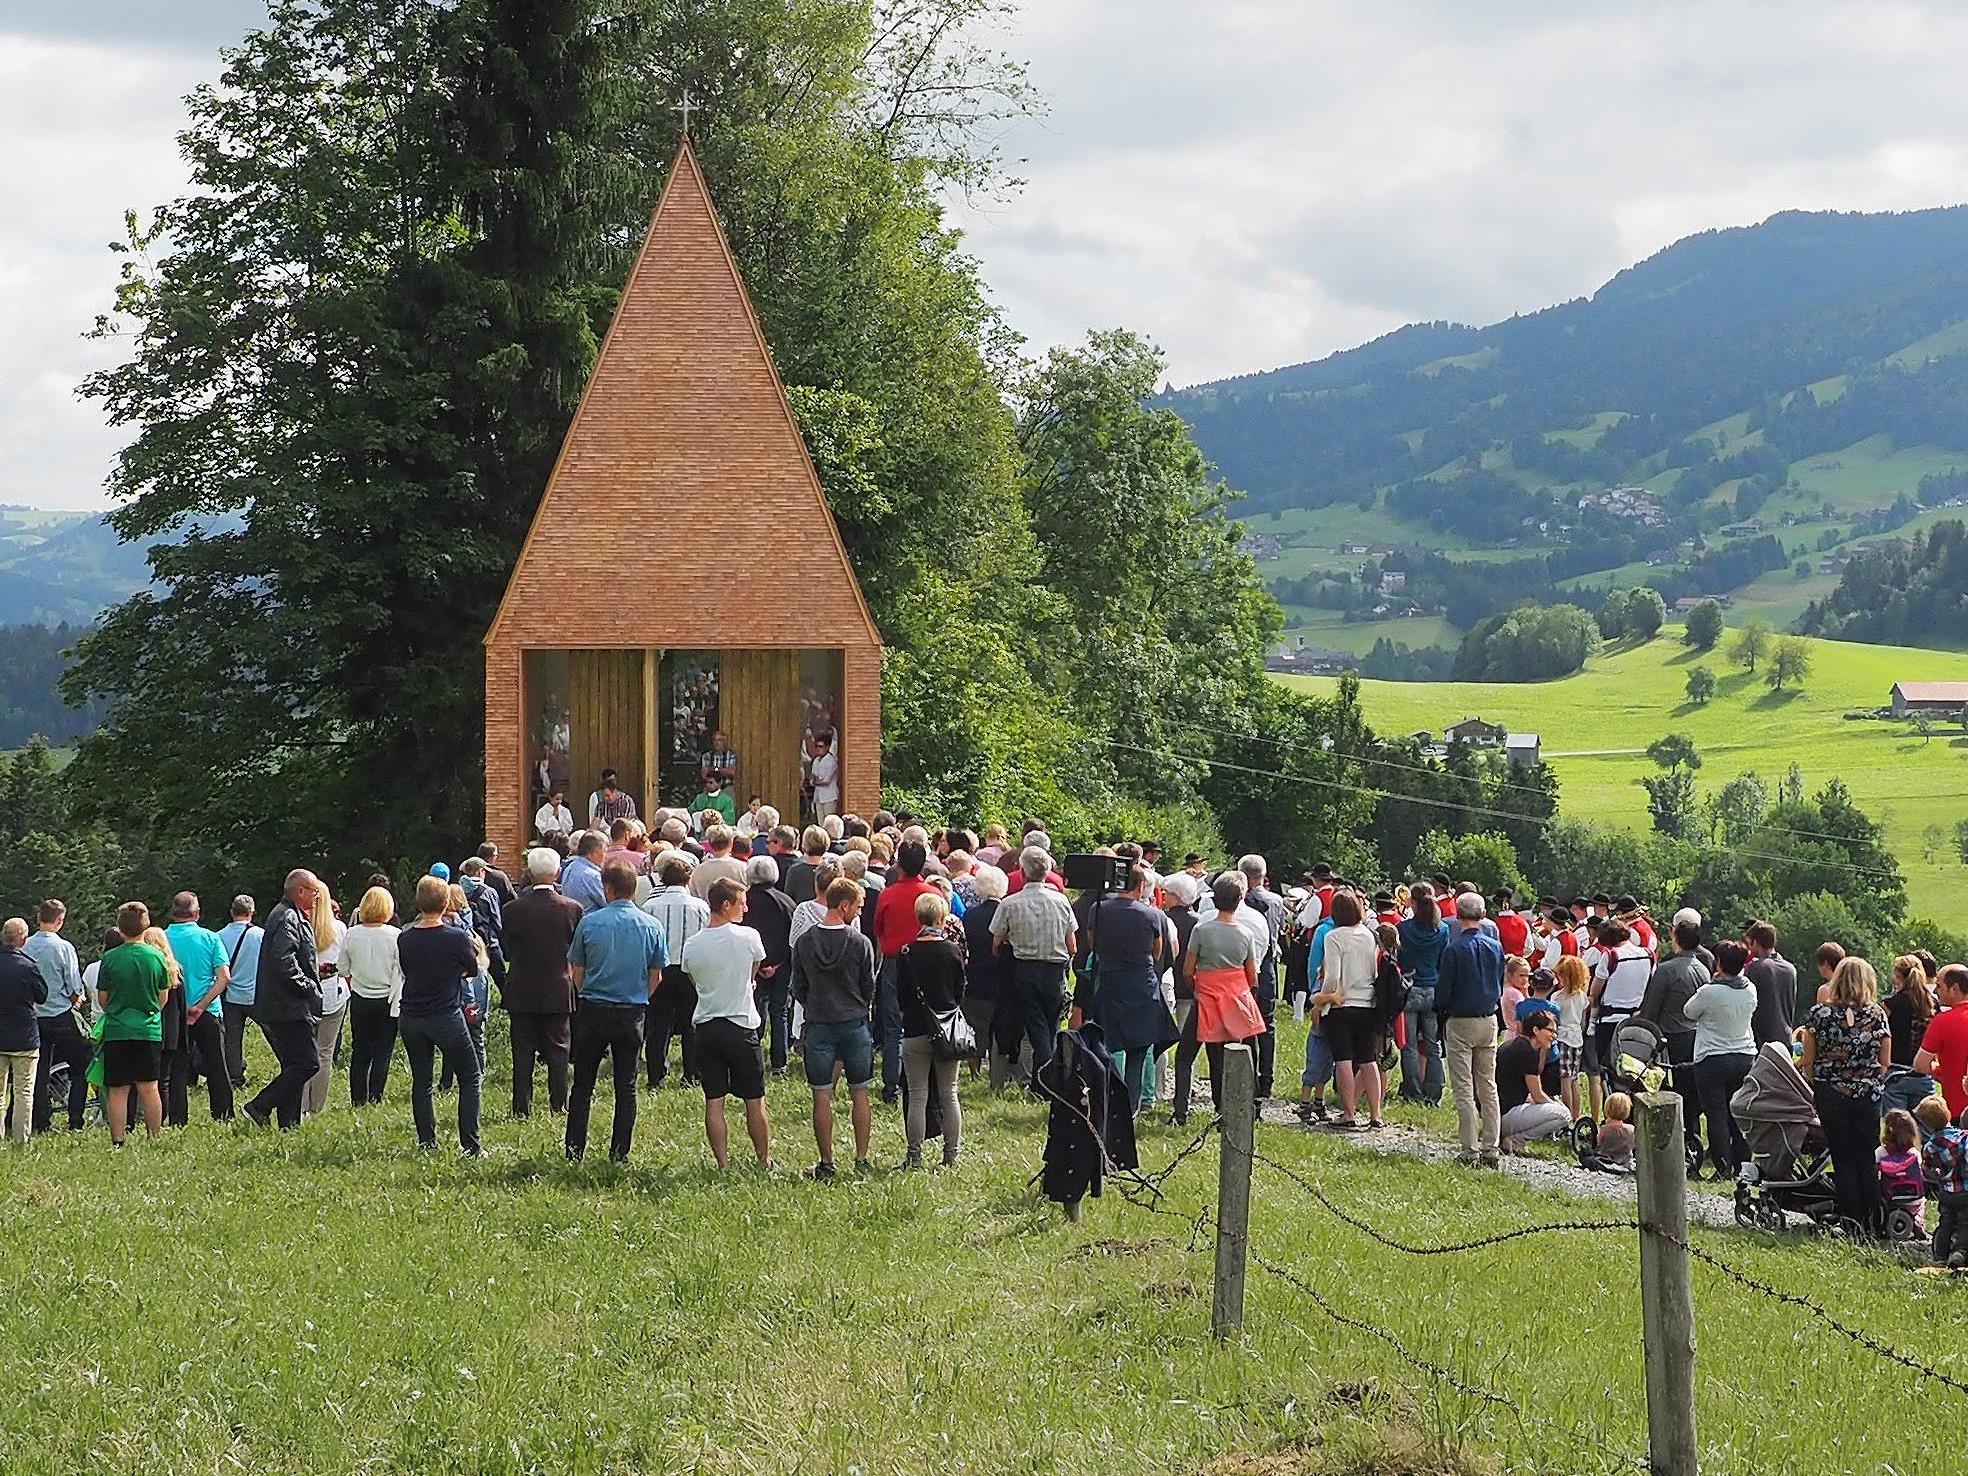 Die neue Kapelle in Salgenreute besticht durch ihre moderne Raumform.